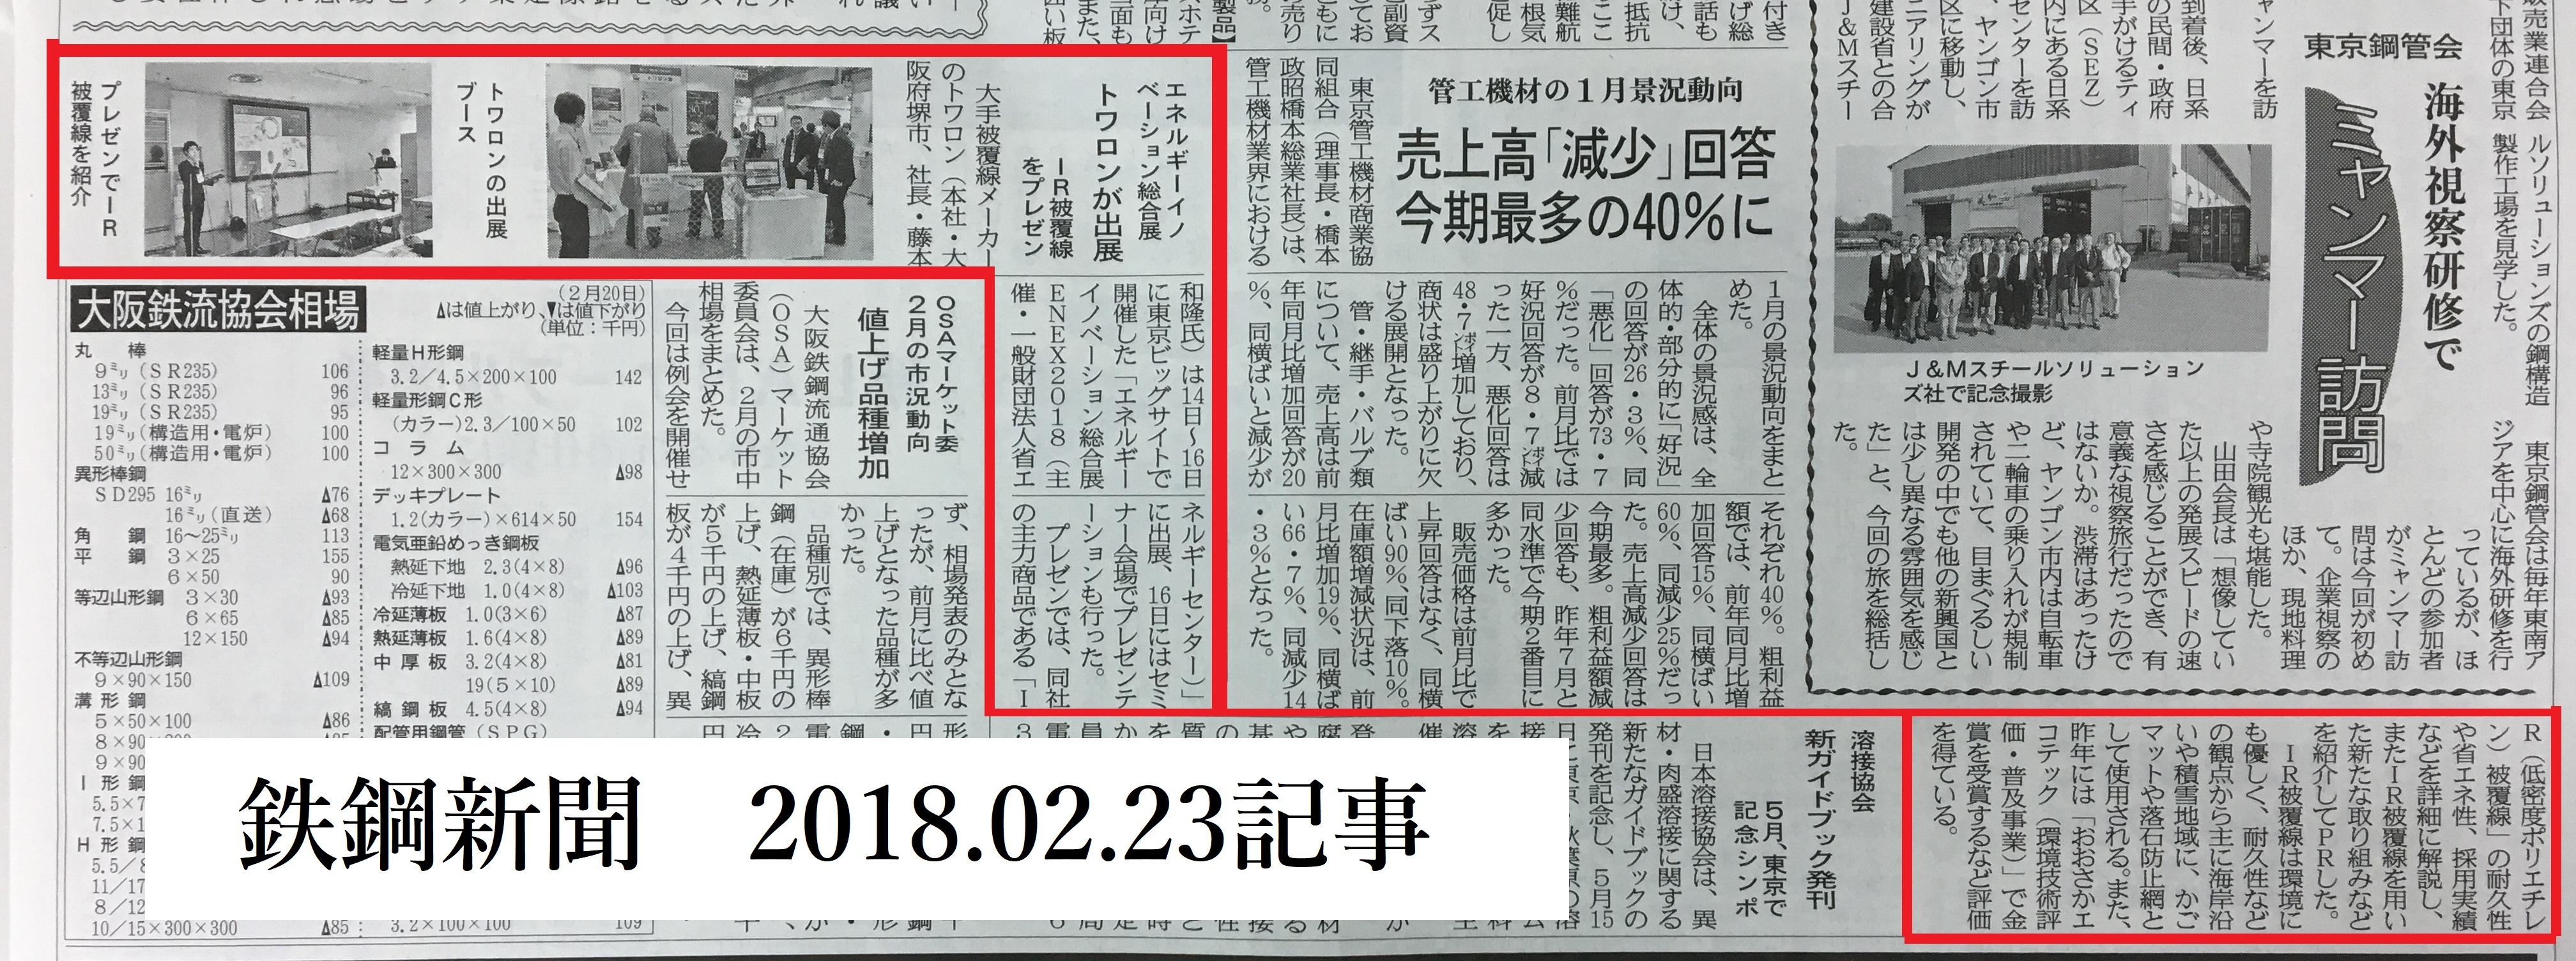 鉄鋼新聞記事